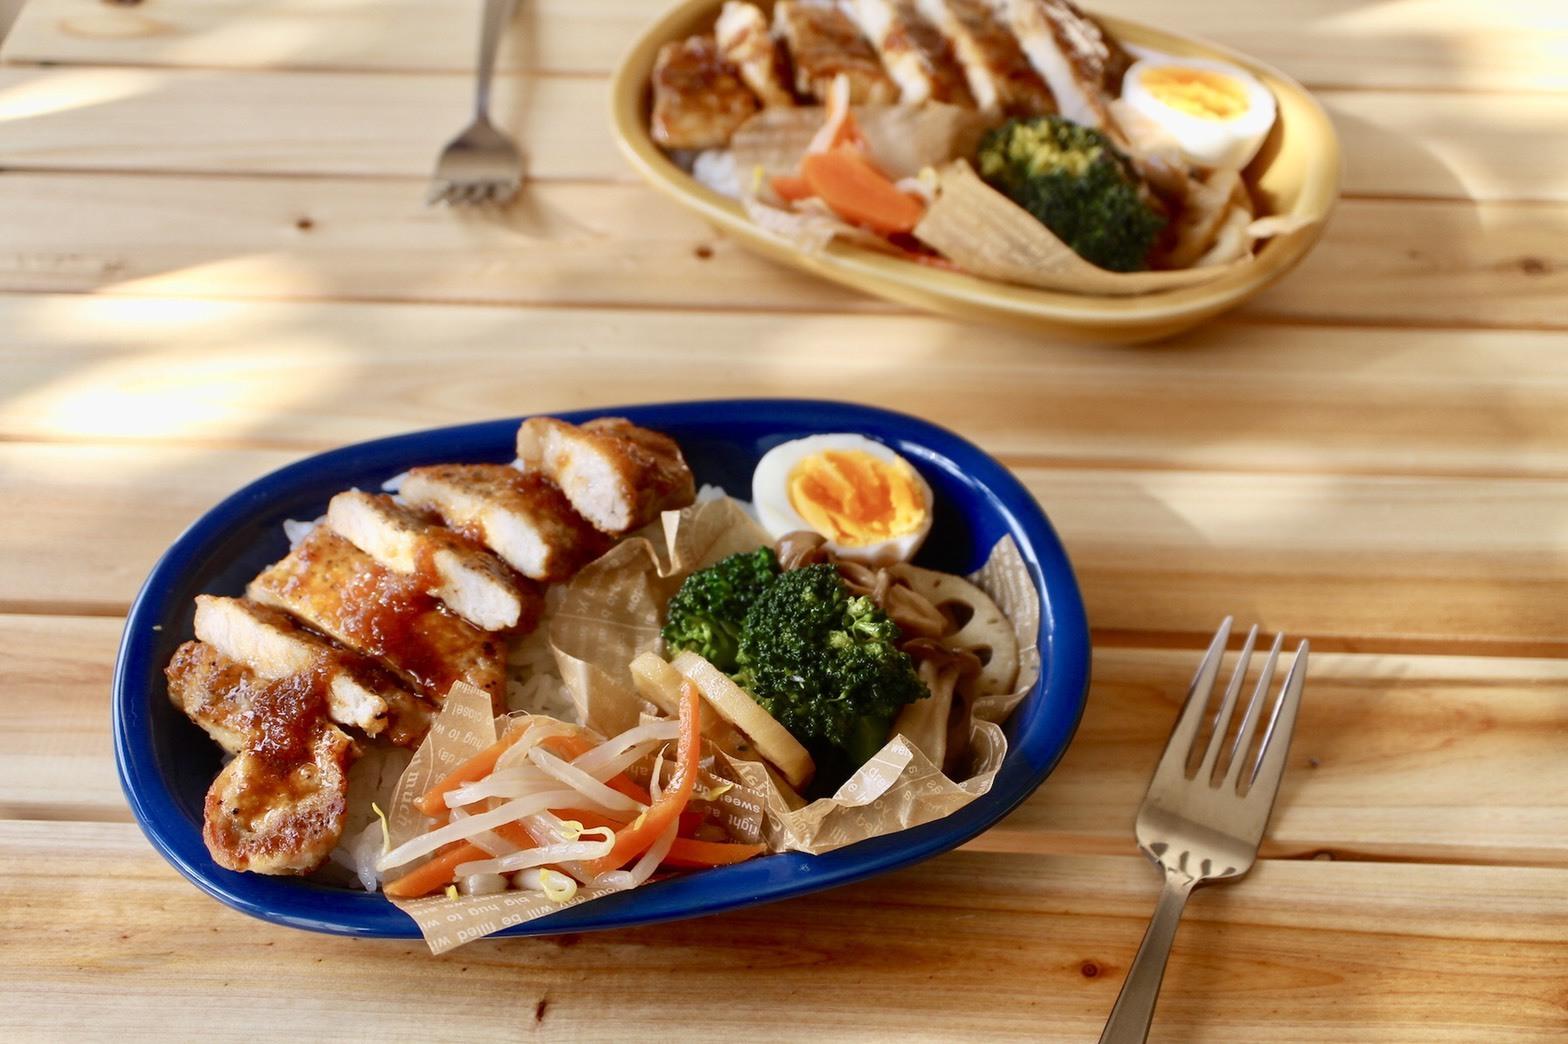 豚ロース肉の味噌 玉ねぎダレ丼弁当_f0220354_17461968.jpeg